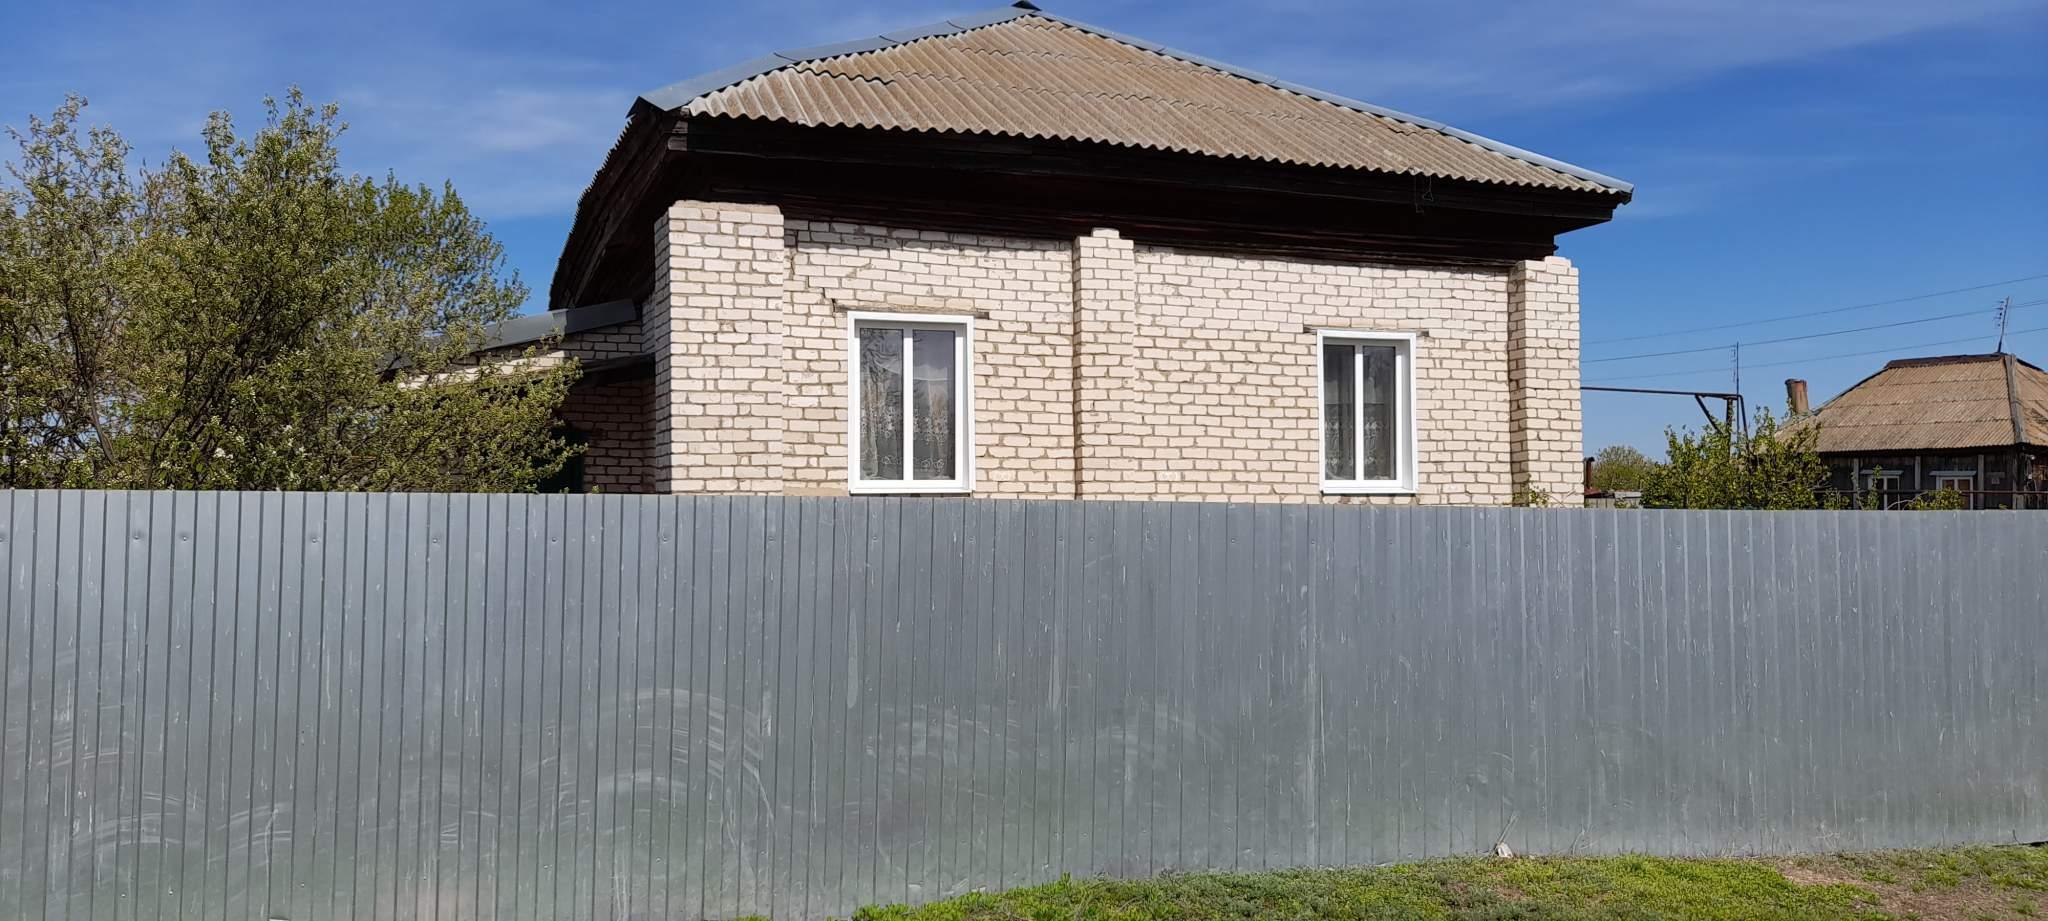 Продается загородный дом 100 м2 на